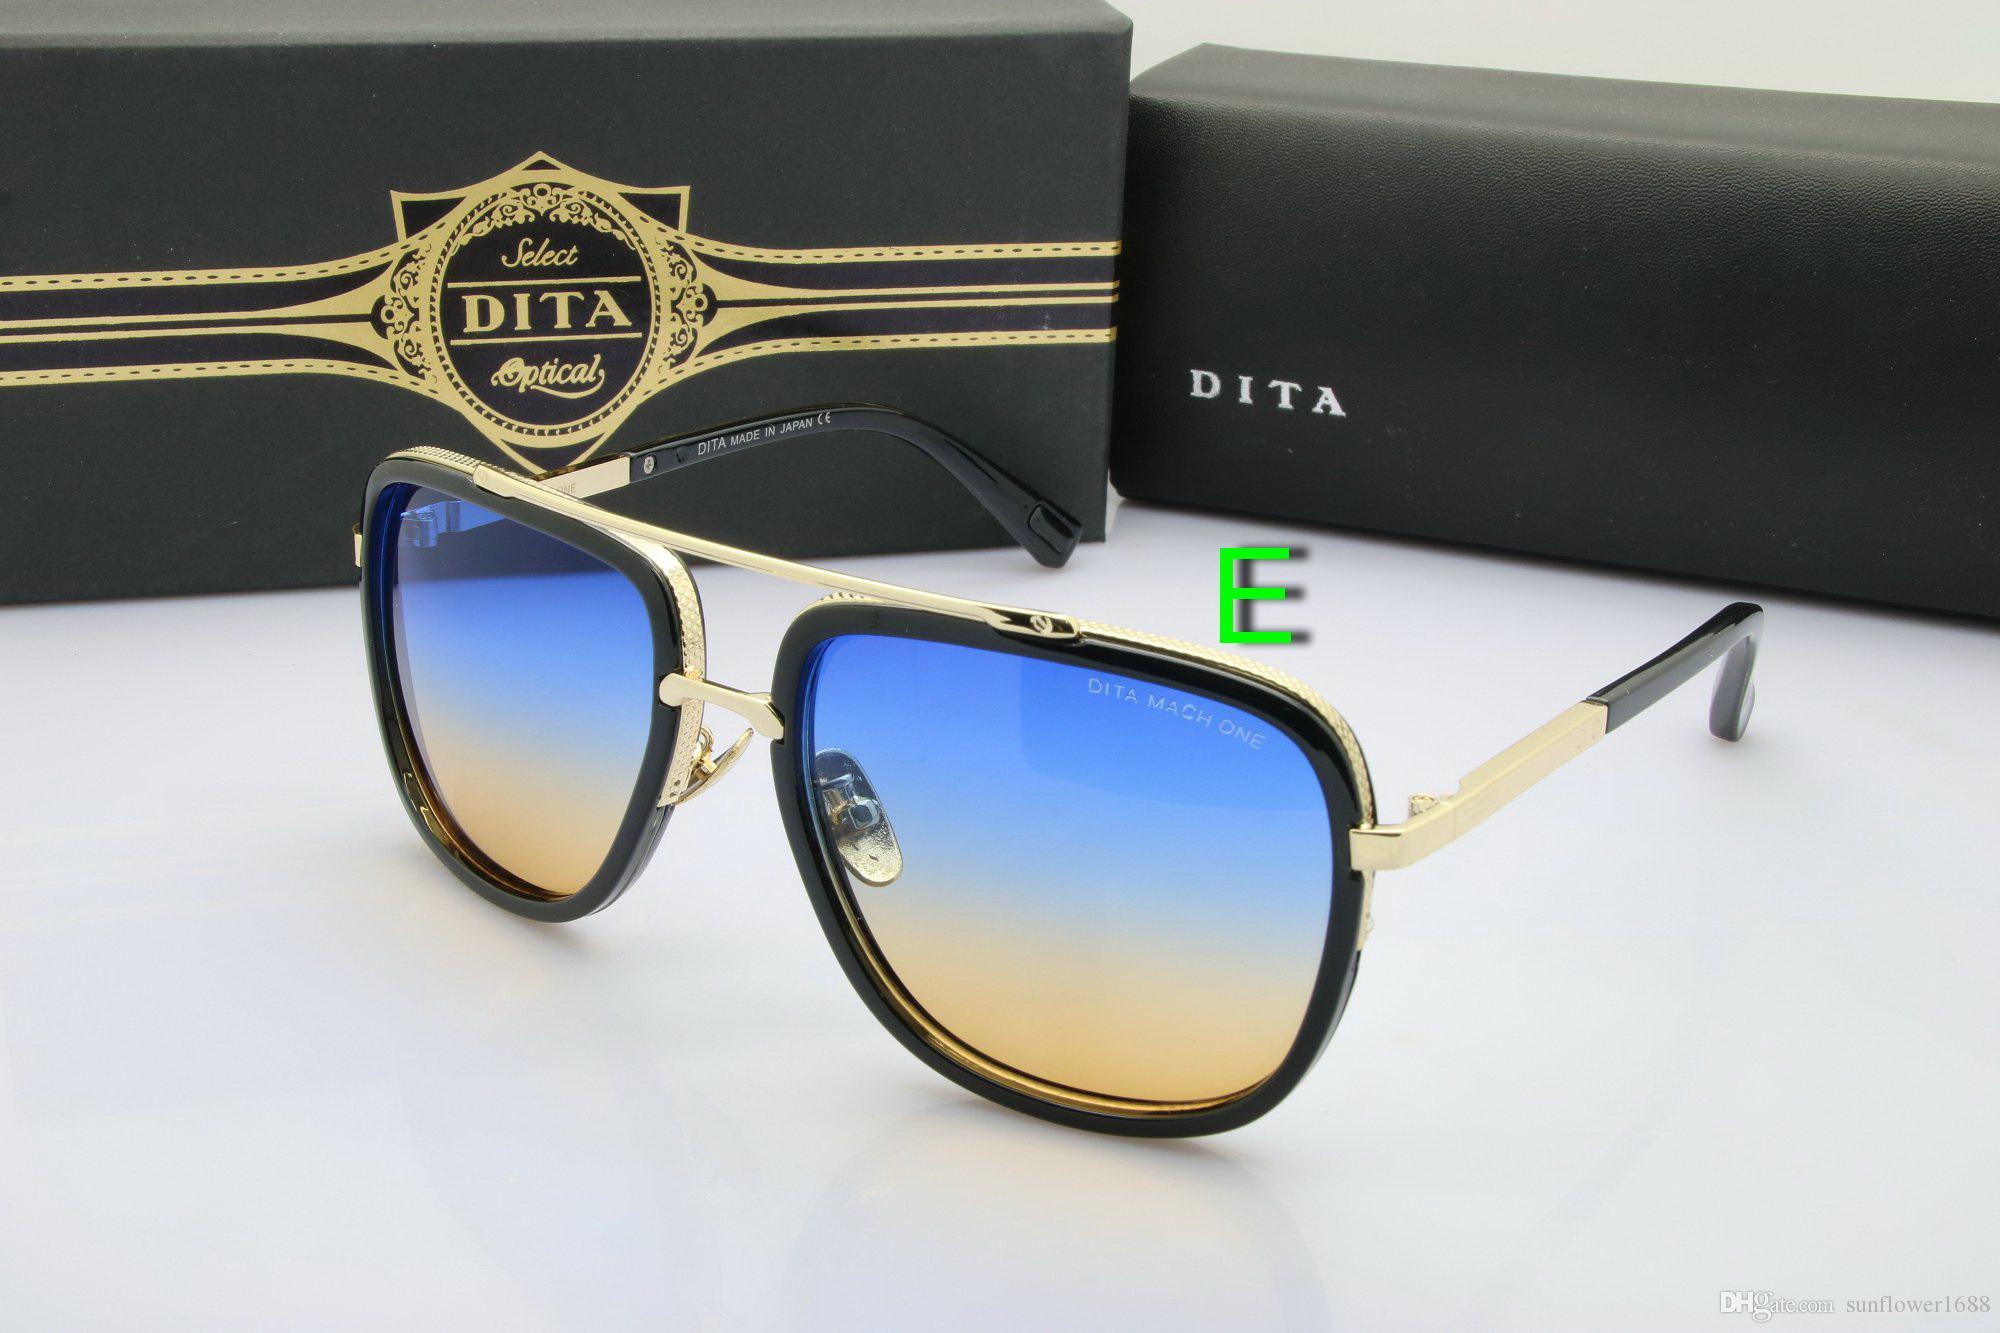 Dita Mach One Sunglasses Uk   David Simchi-Levi 7ccfe2c7a74e